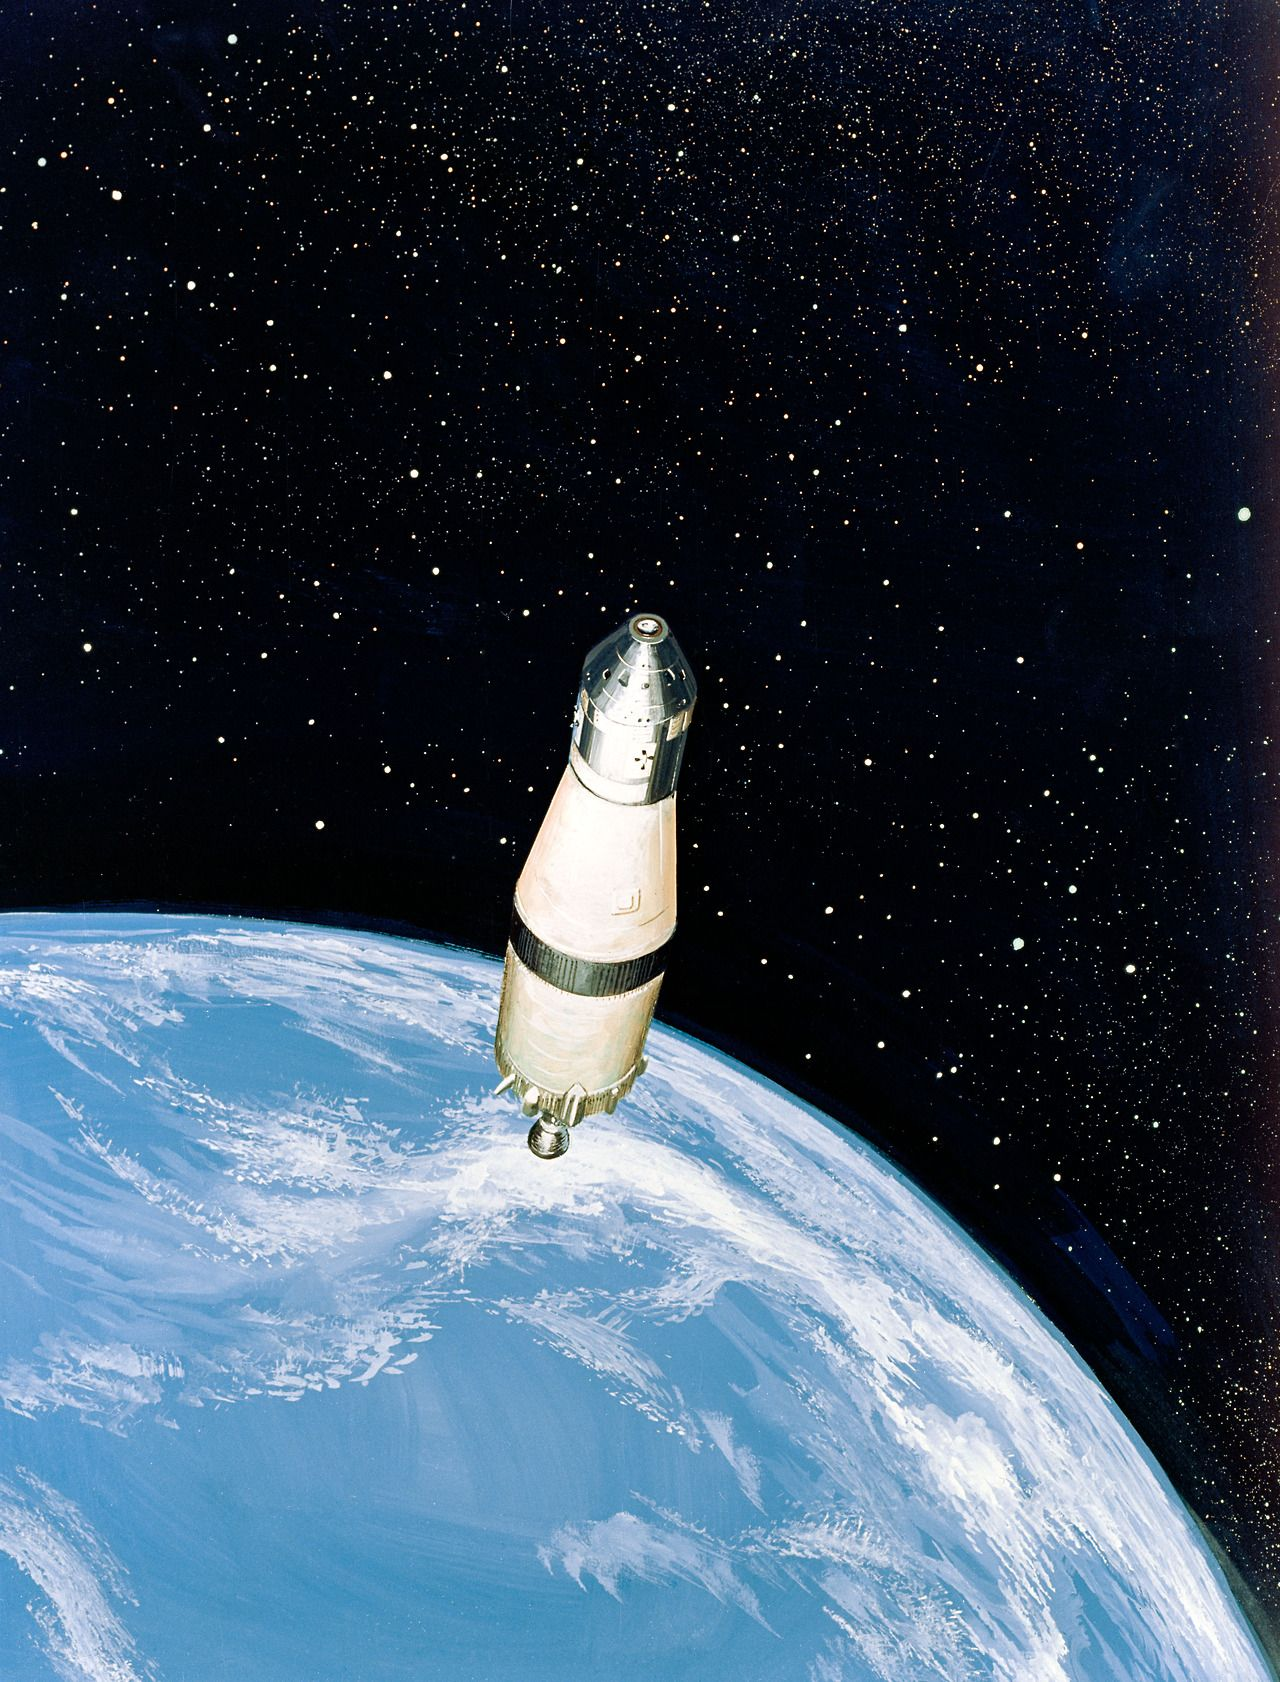 pre apollo space program - photo #47